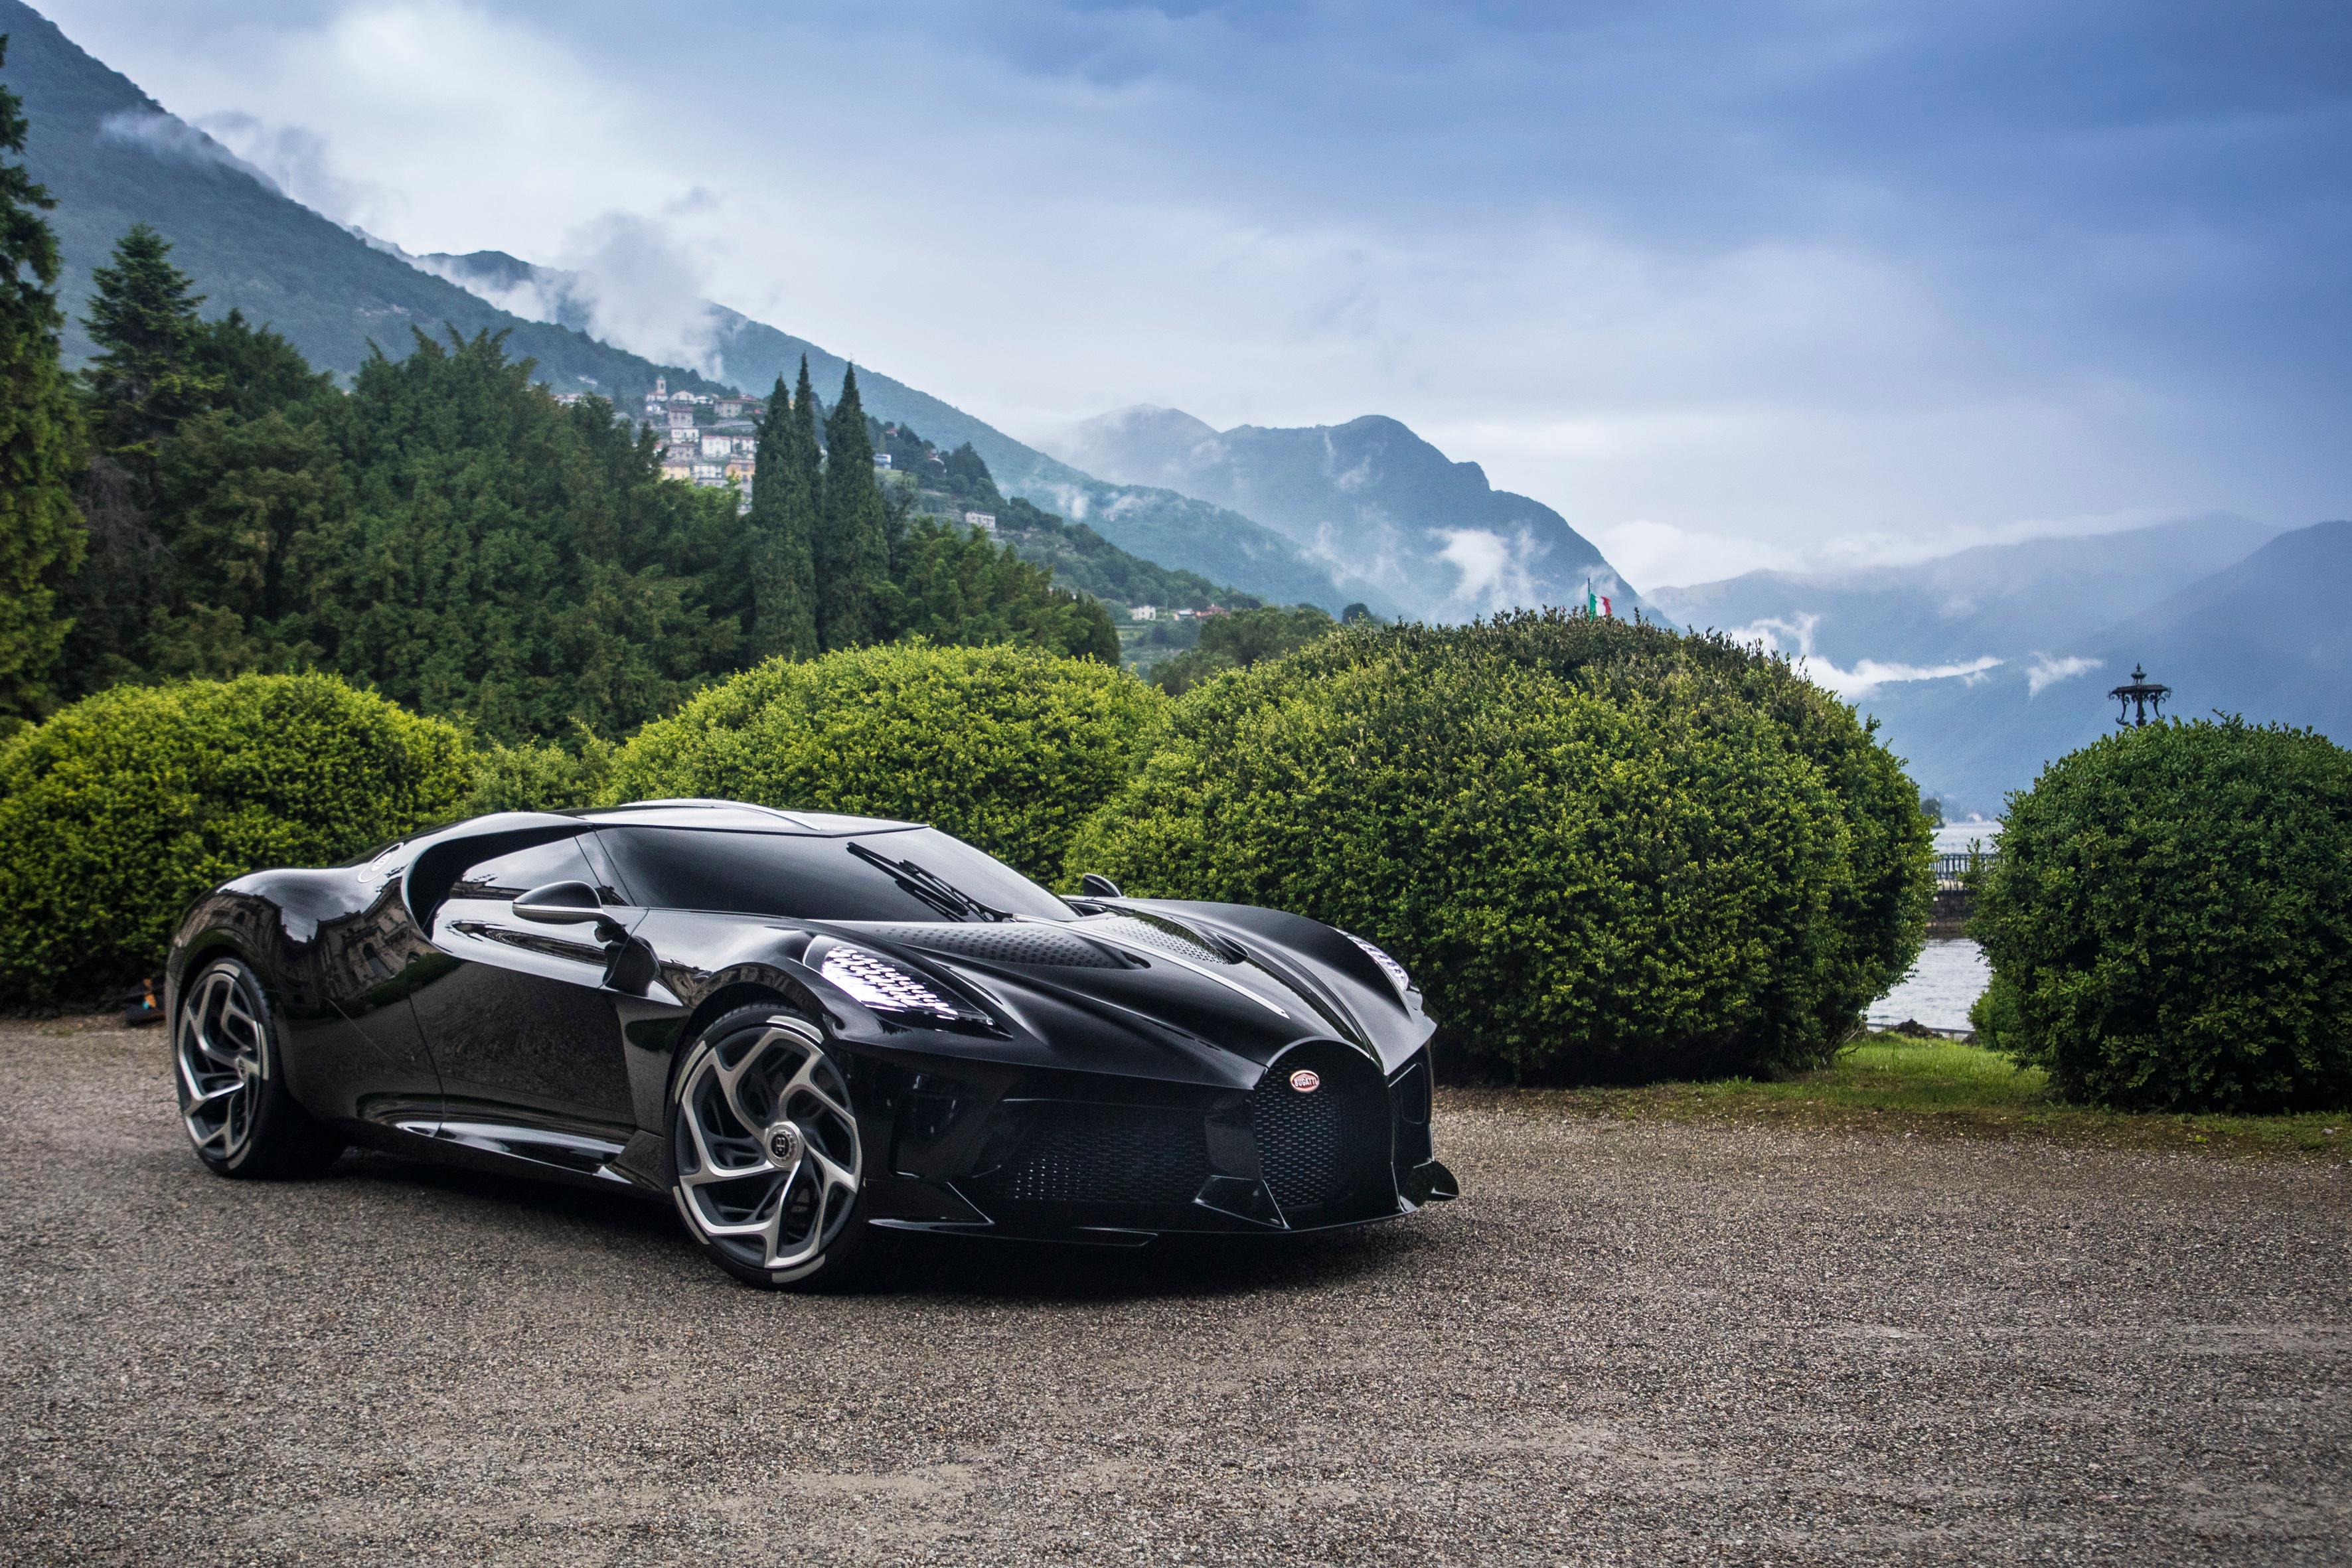 2019 Bugatti La Voiture Noire 4k, HD Cars, 4k Wallpapers